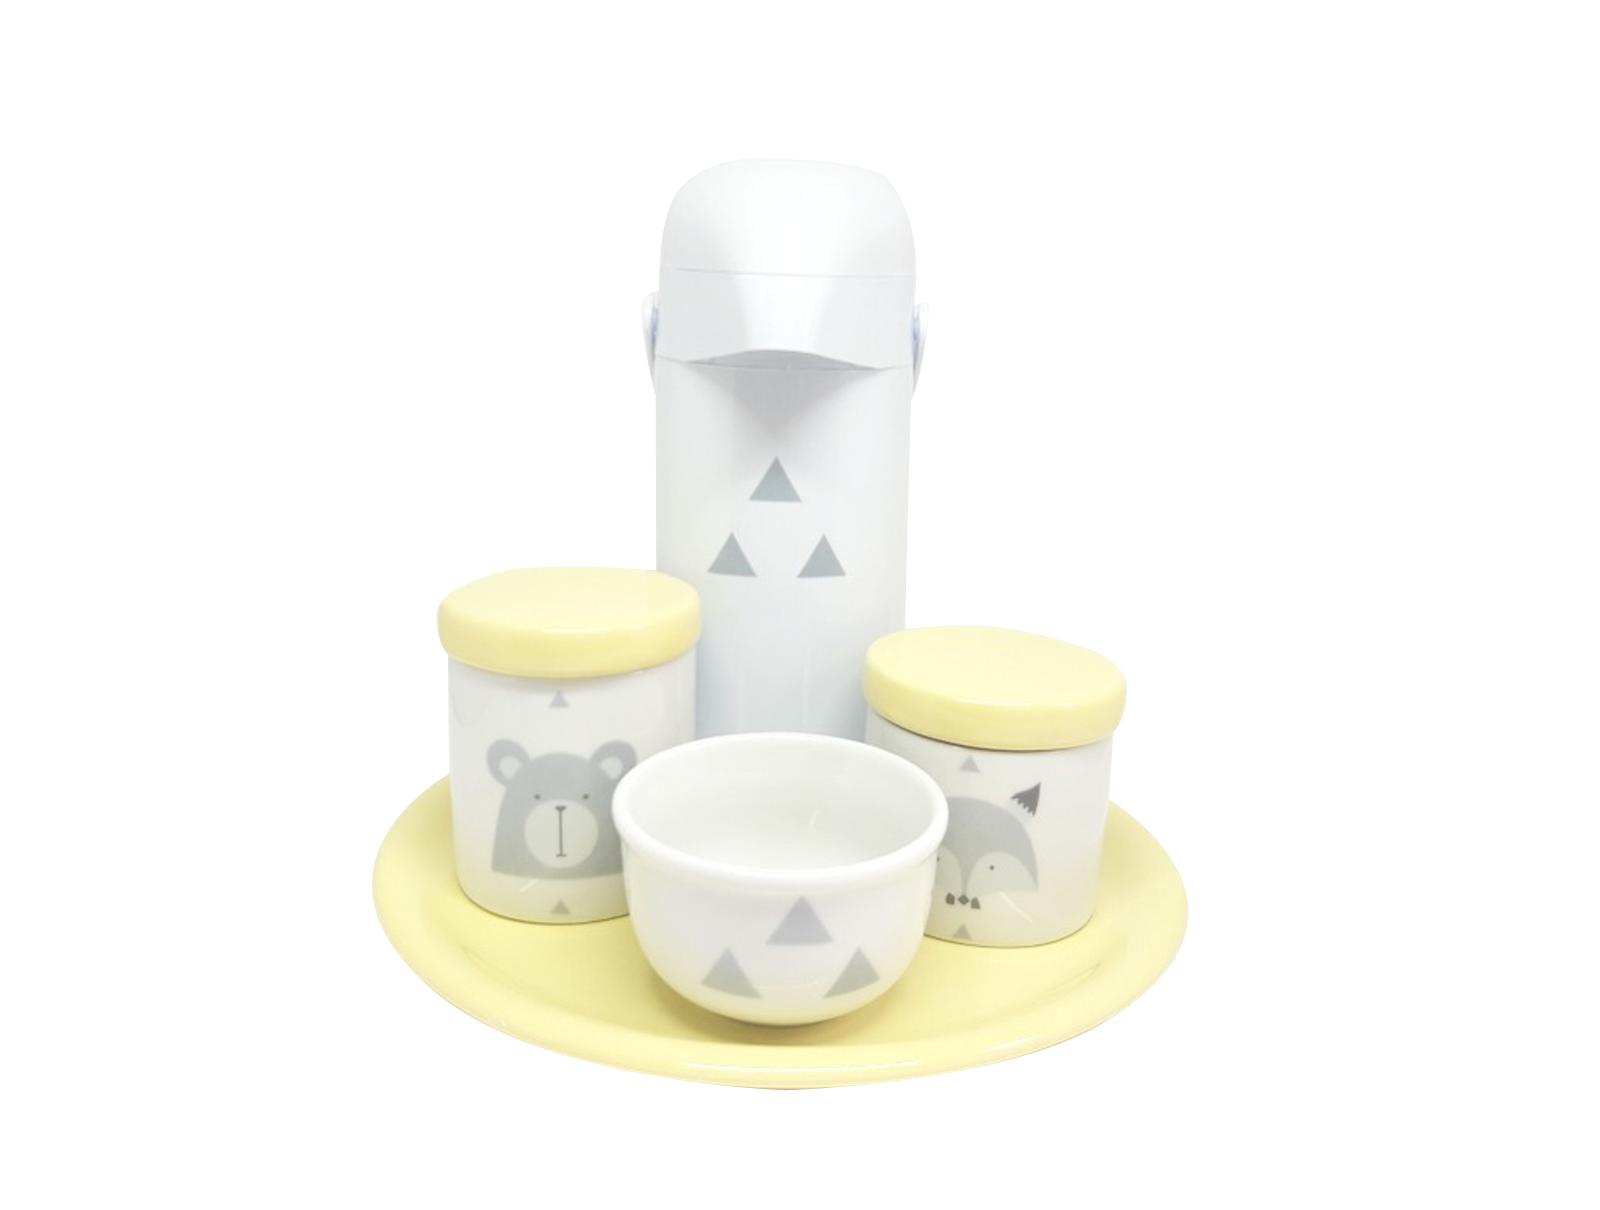 Kit Higiene Bebê Porcelana Escandinavo com Bandeja e Garrafa Decorada | Amarelo|